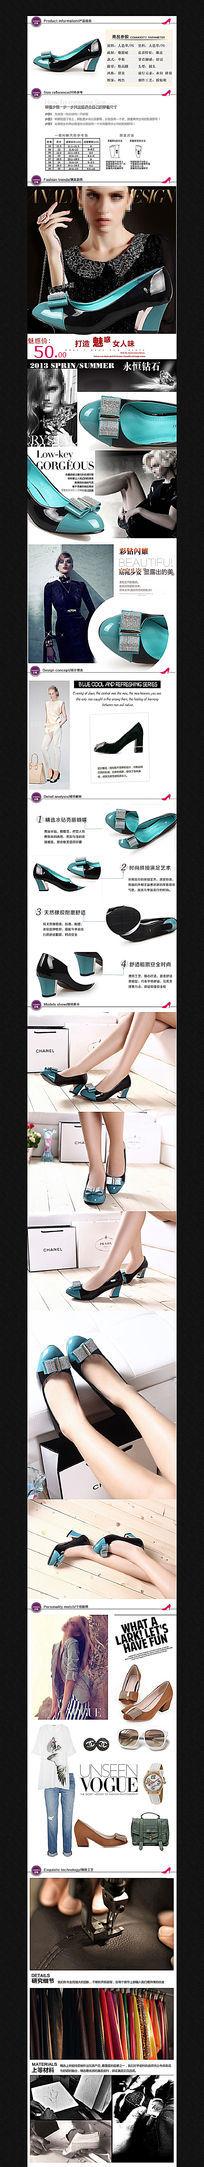 淘宝女性瓢鞋细节描述PSD模板